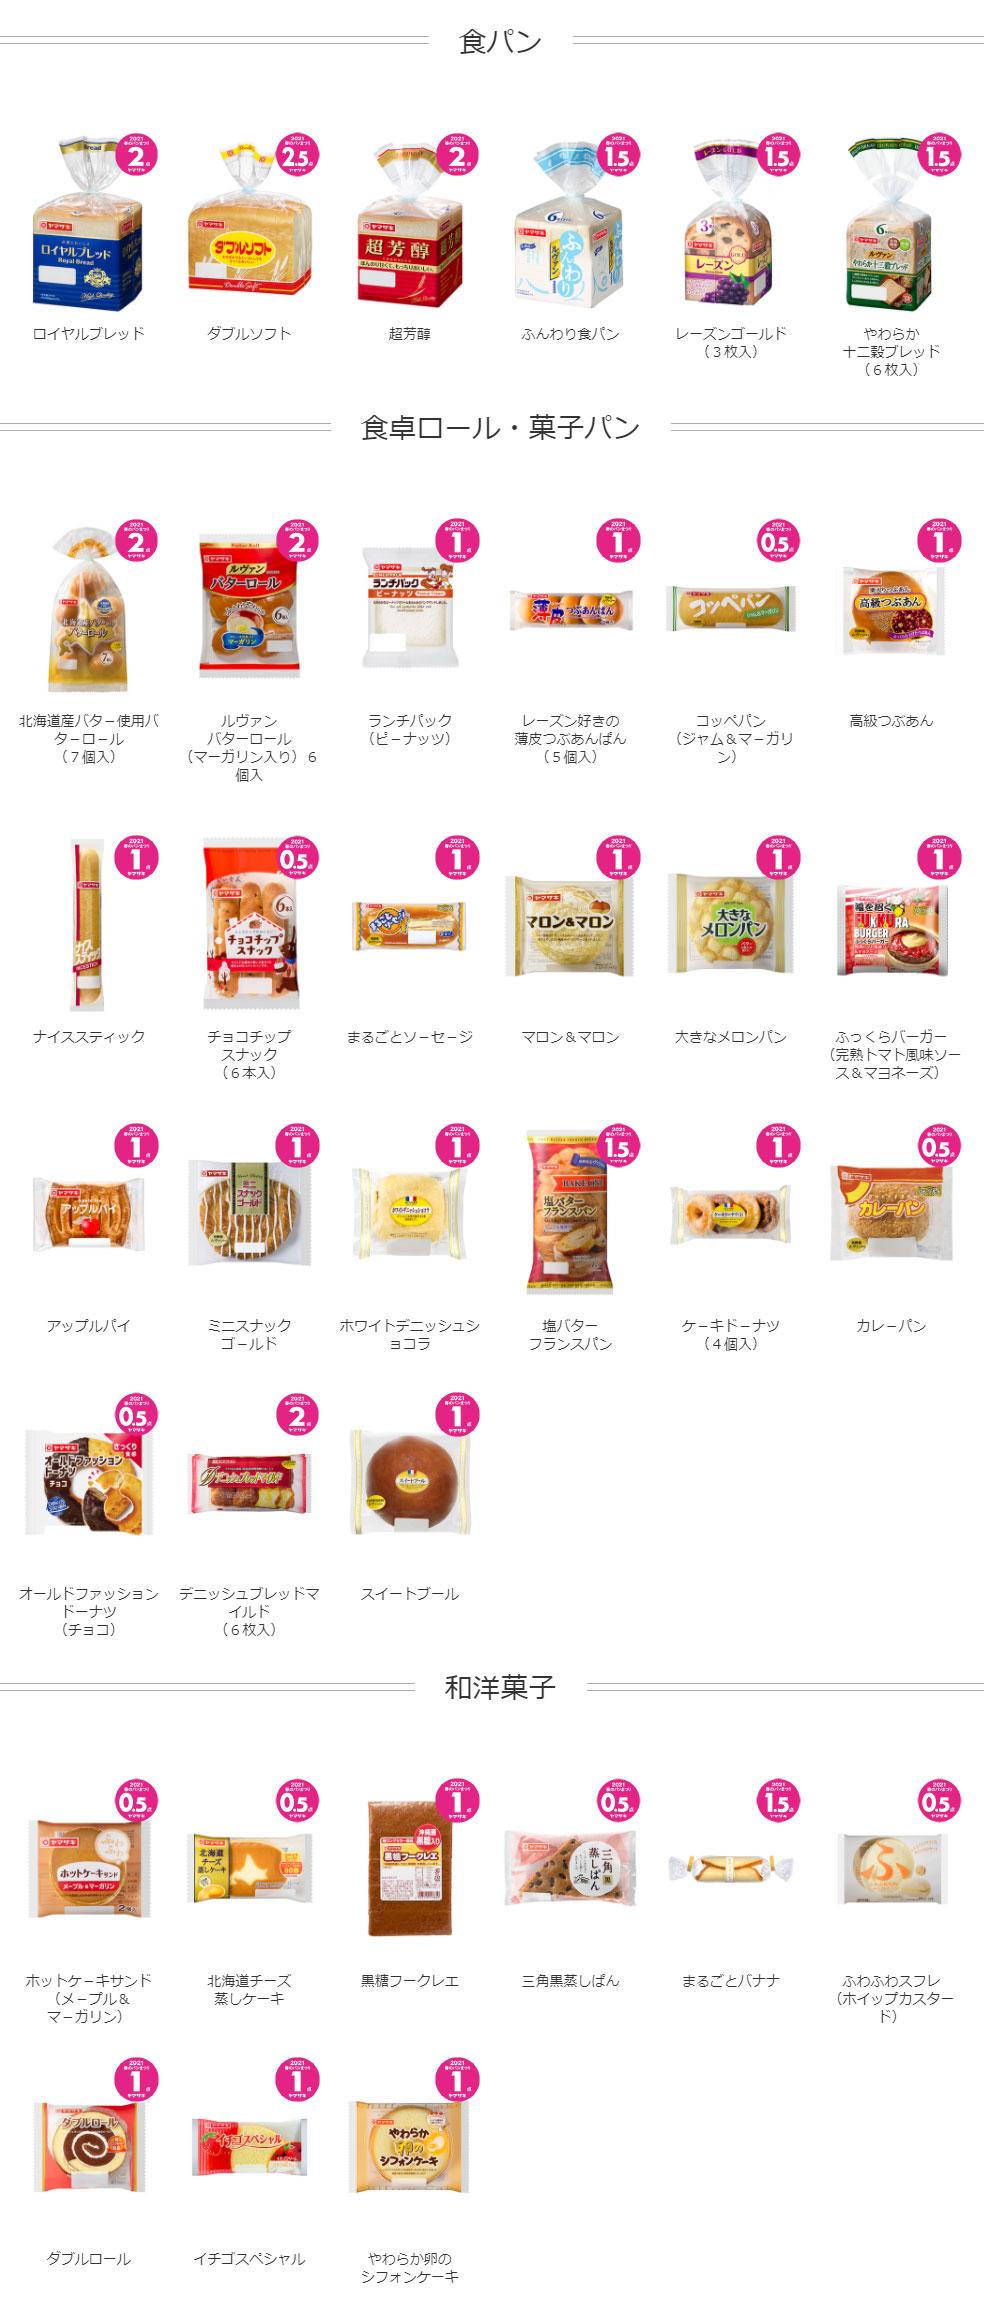 ヤマザキ春のパンまつり2021 白いお皿キャンペーン 対象商品